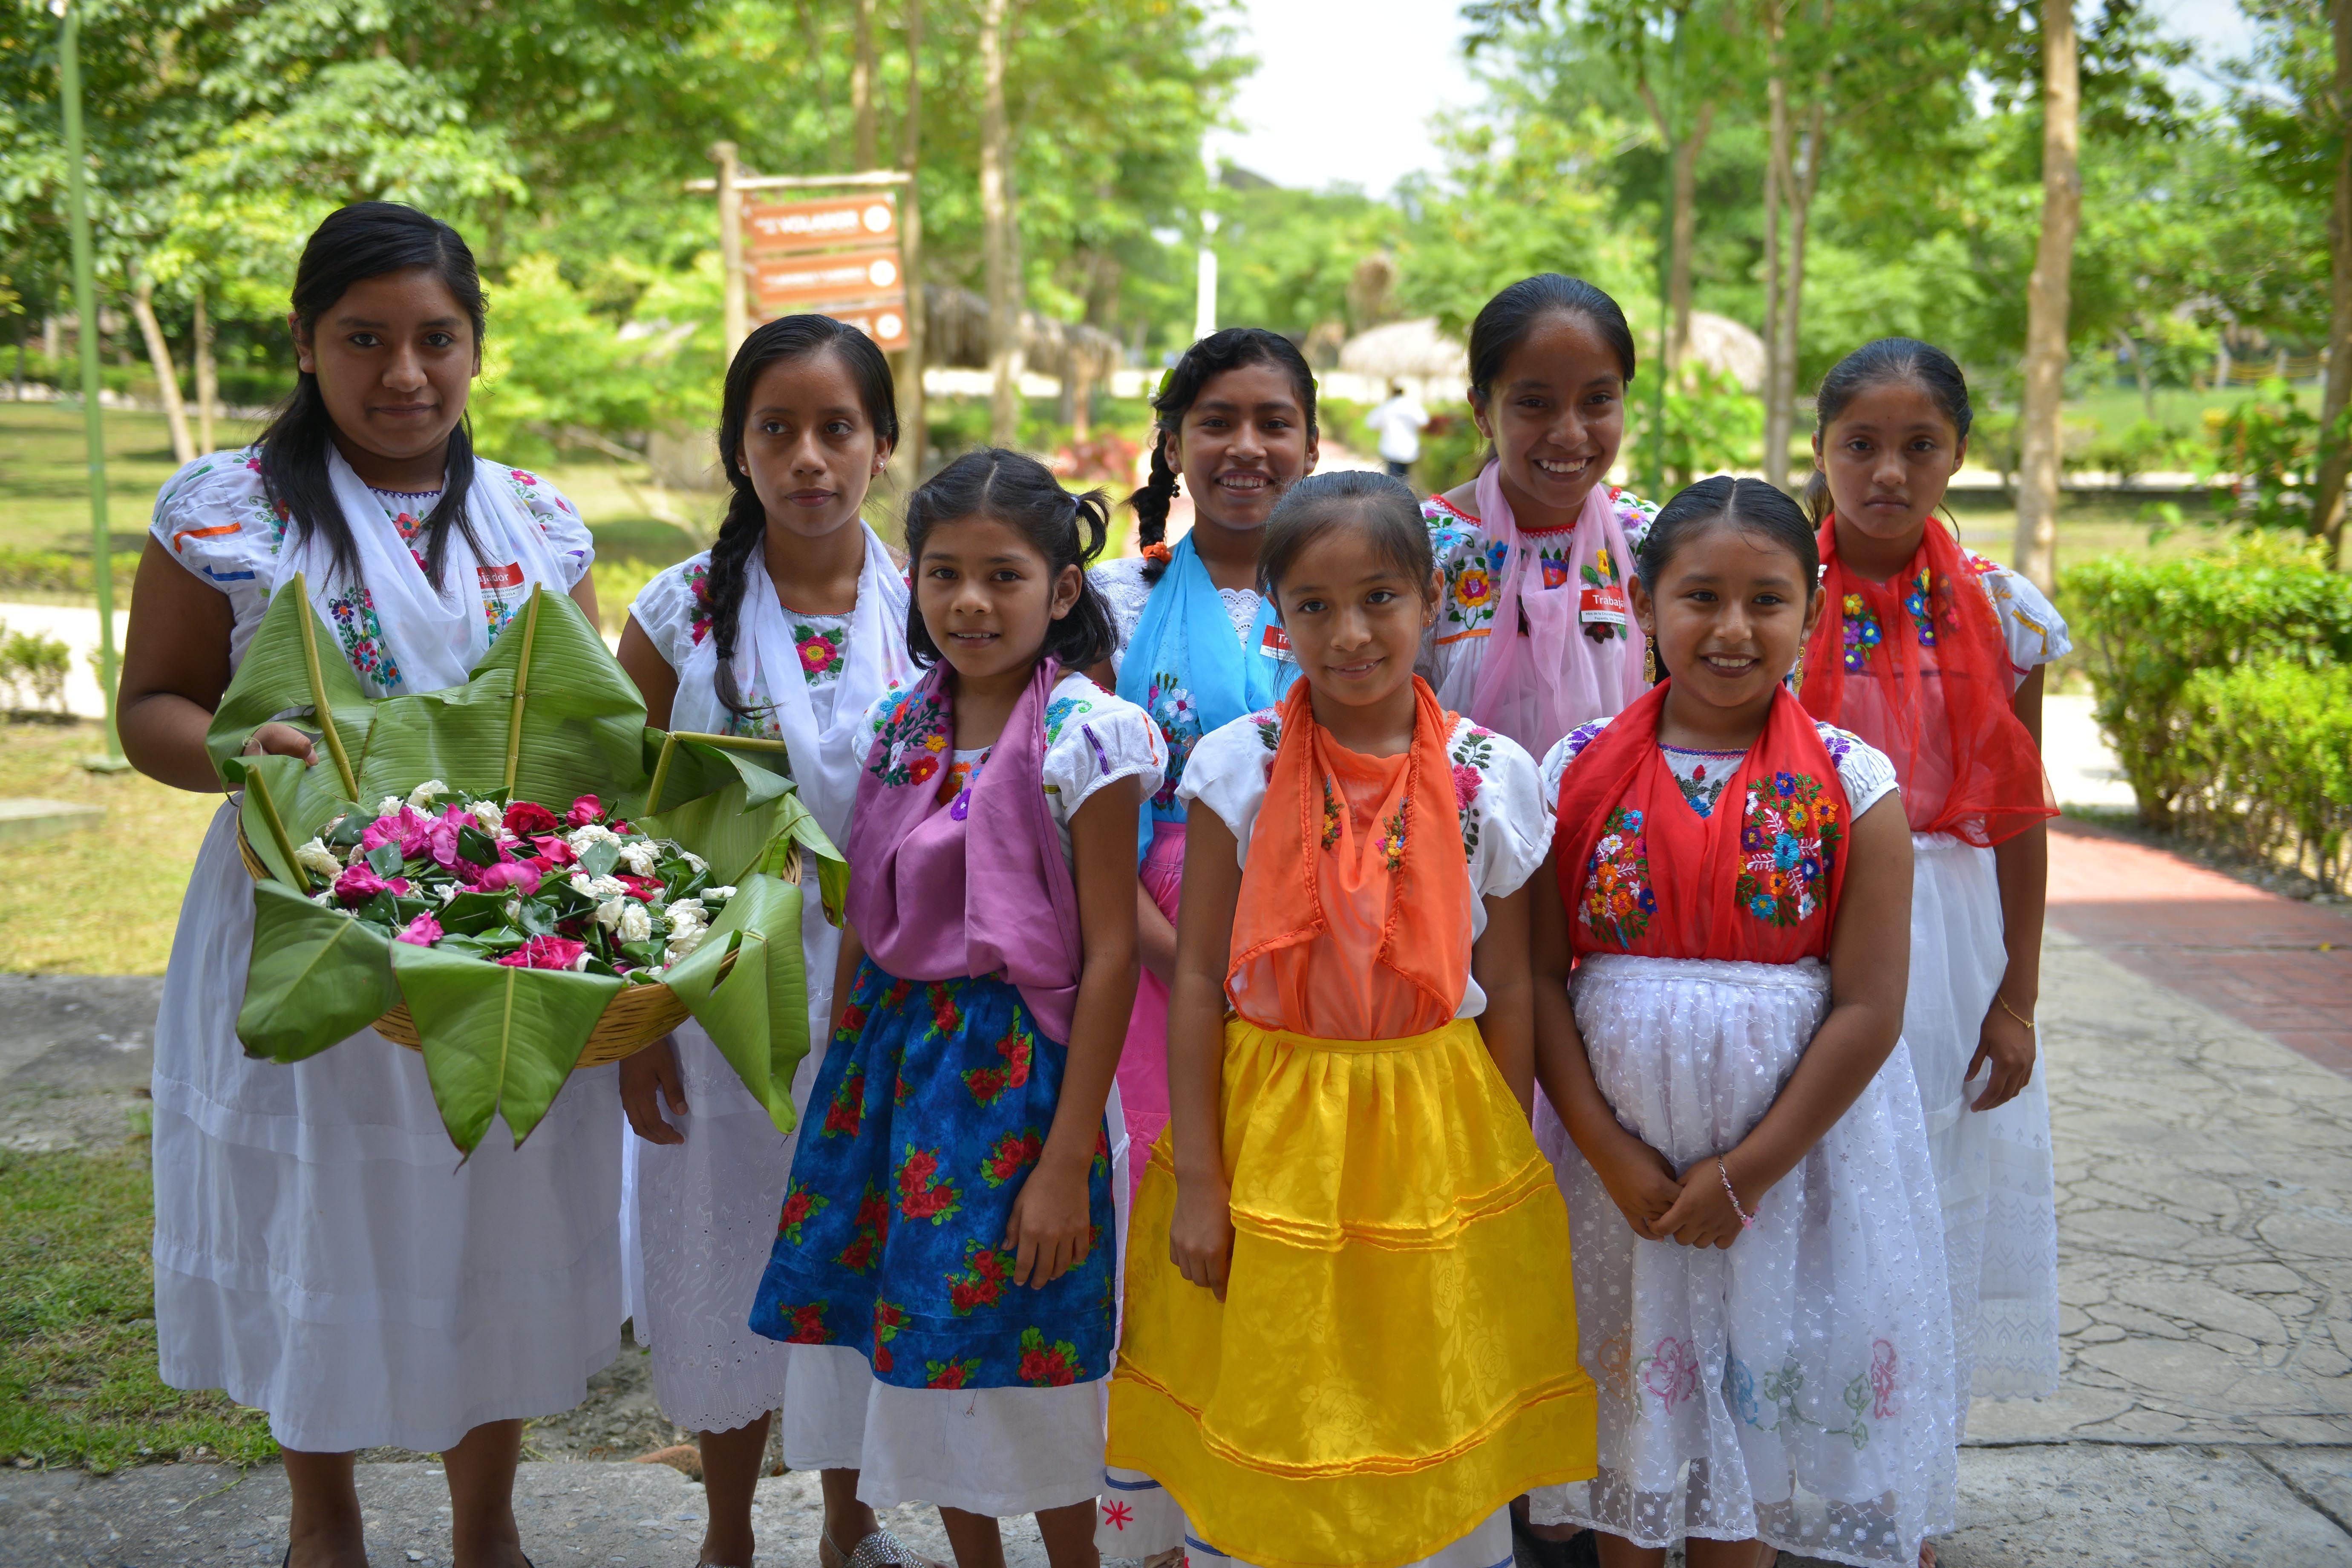 En el marco del Mes de la Cruzada Nacional contra el Hambre, el gobernador Javier Duarte de Ochoa encabezó en el Parque Temático Takilhsukut la entrega proyectos productivos que benefician a mil 116 mujeres de 46 municipios de la región del Totonacapan.